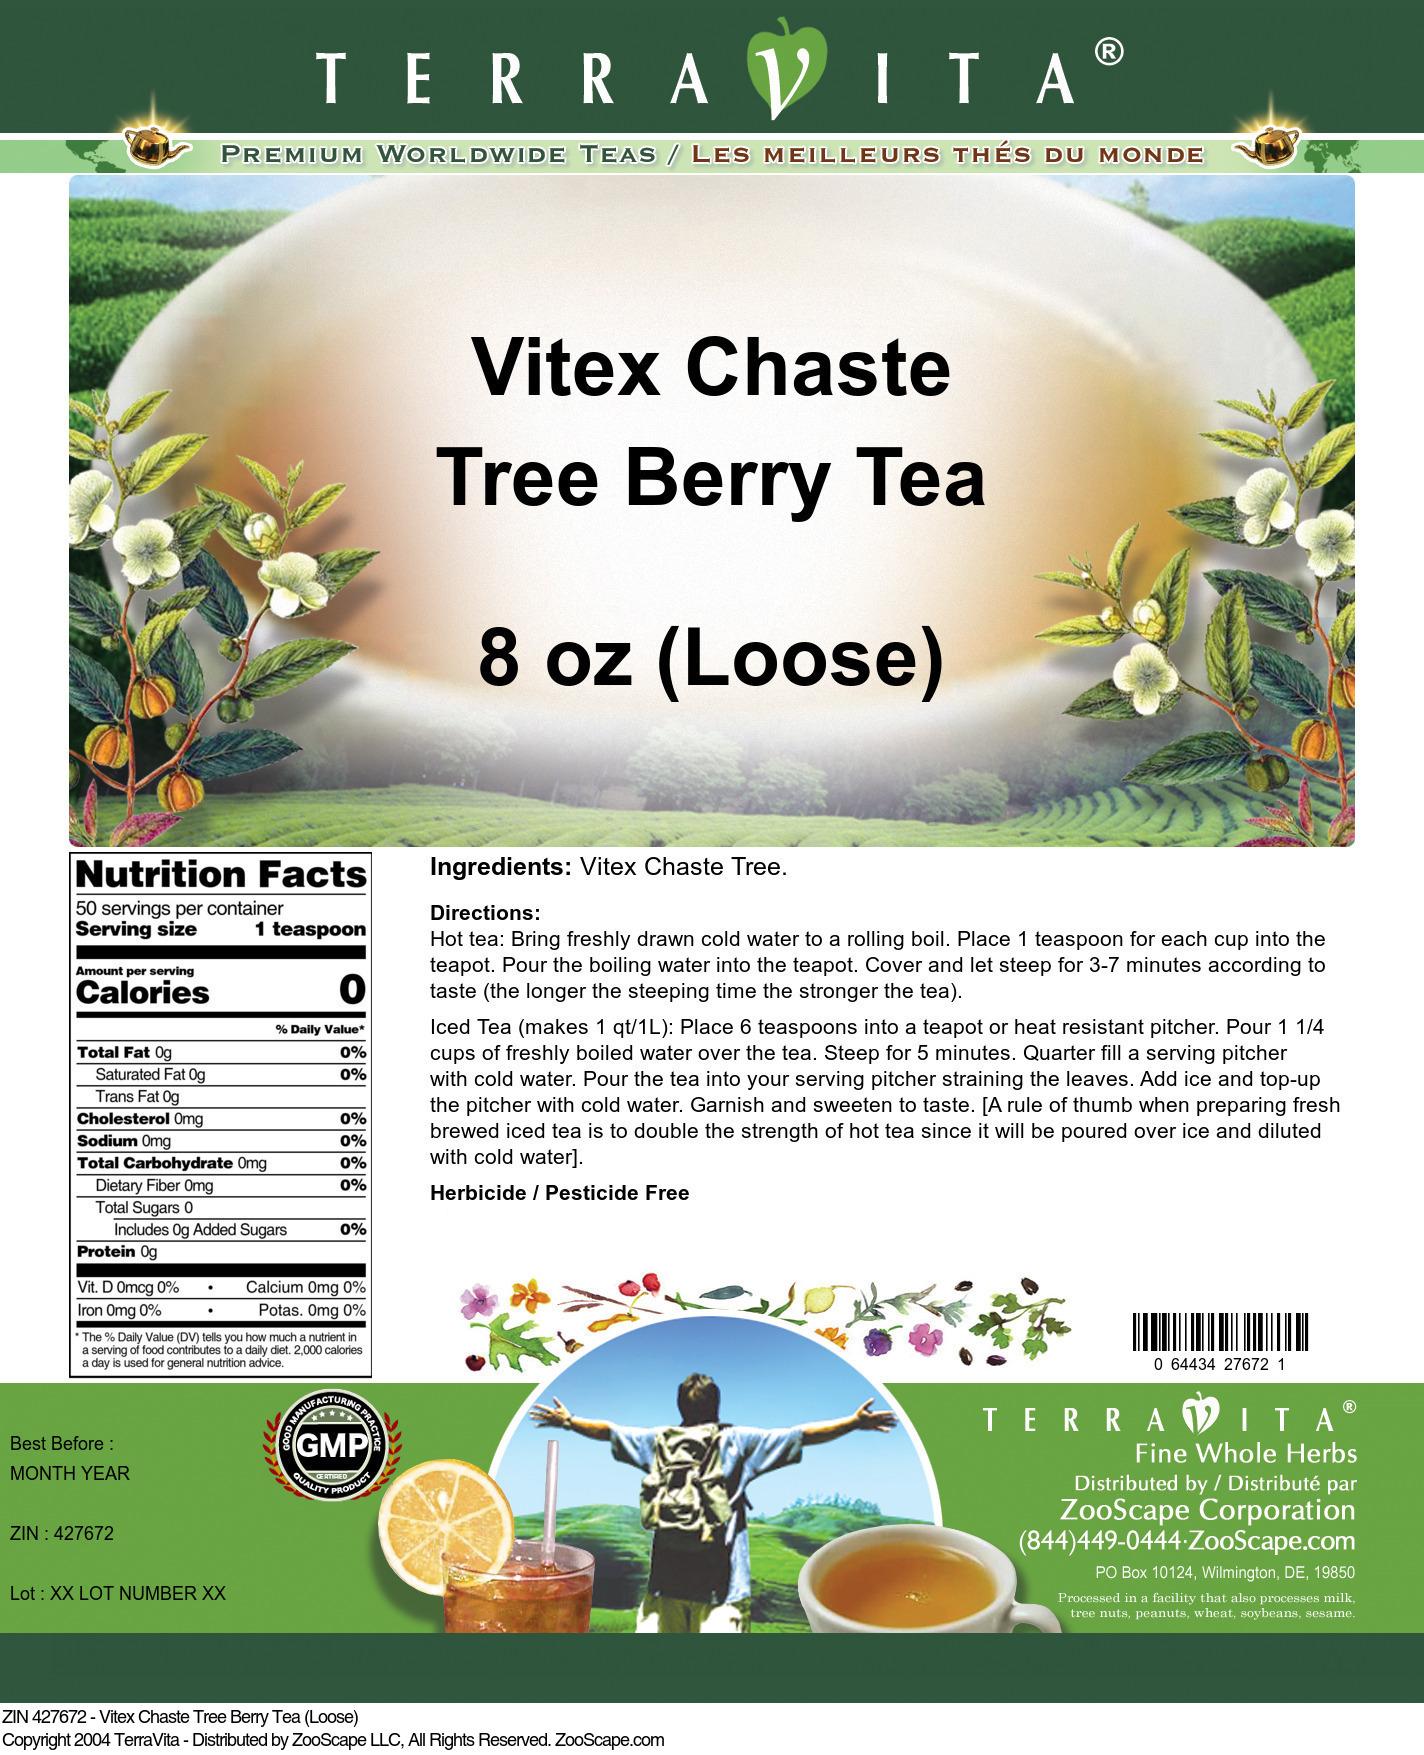 Vitex Chaste Tree Berry Tea (Loose)